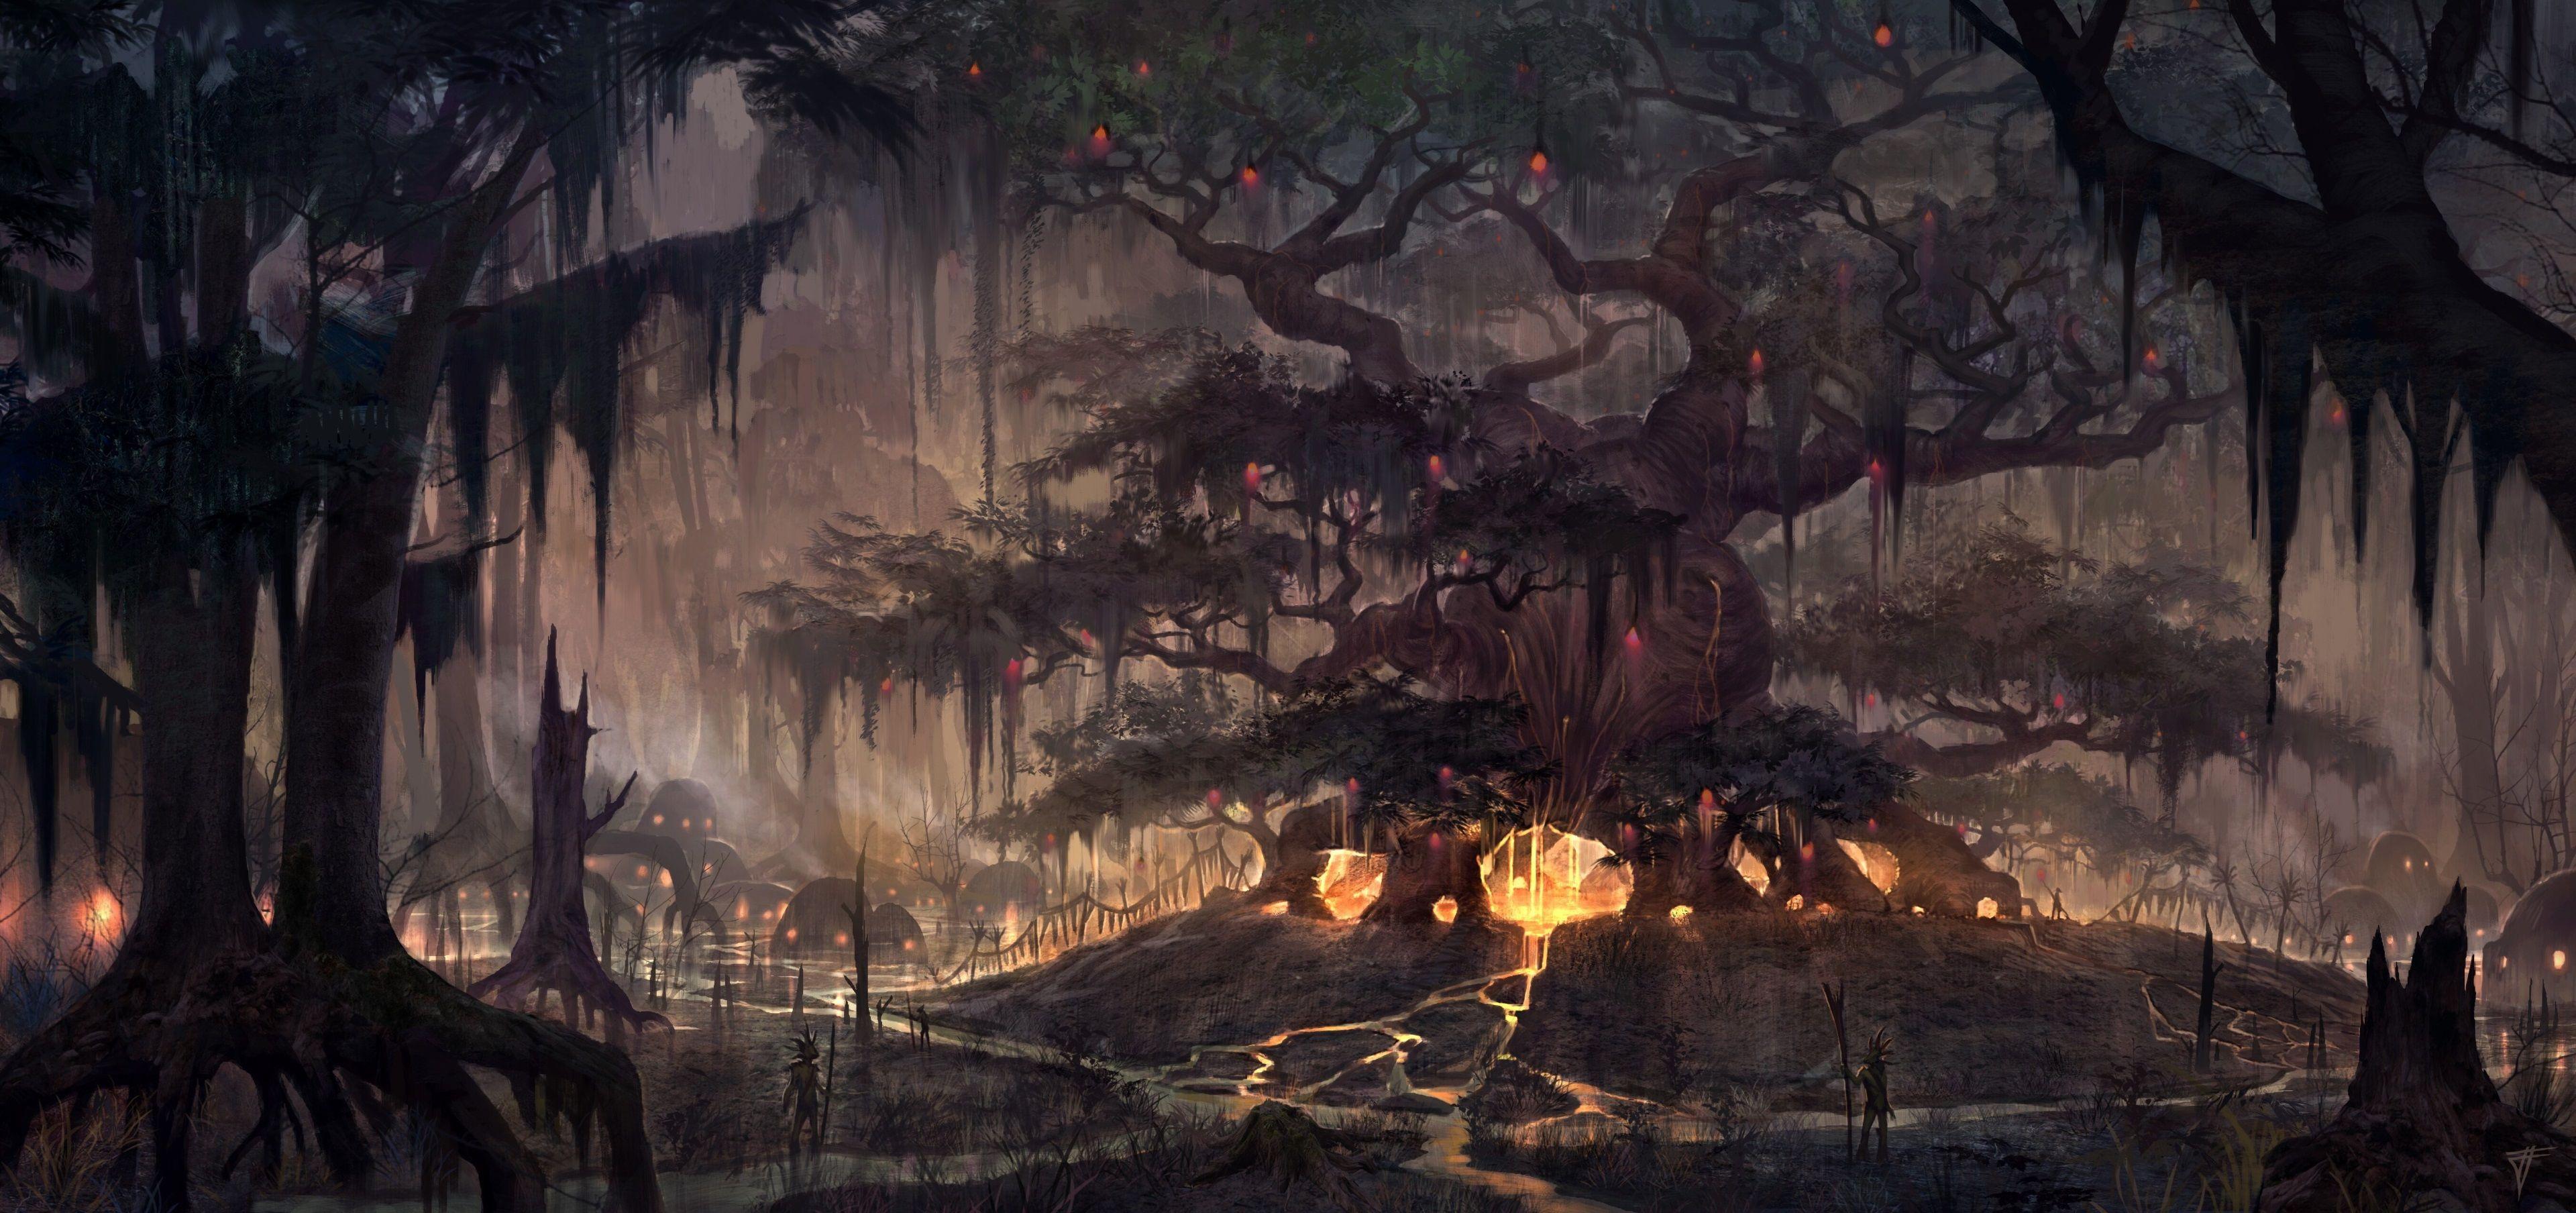 3840x1808 The Elder Scrolls Online 4k Wallpaper On Hd Elder Scrolls Art Elder Scrolls Online Concept Art World